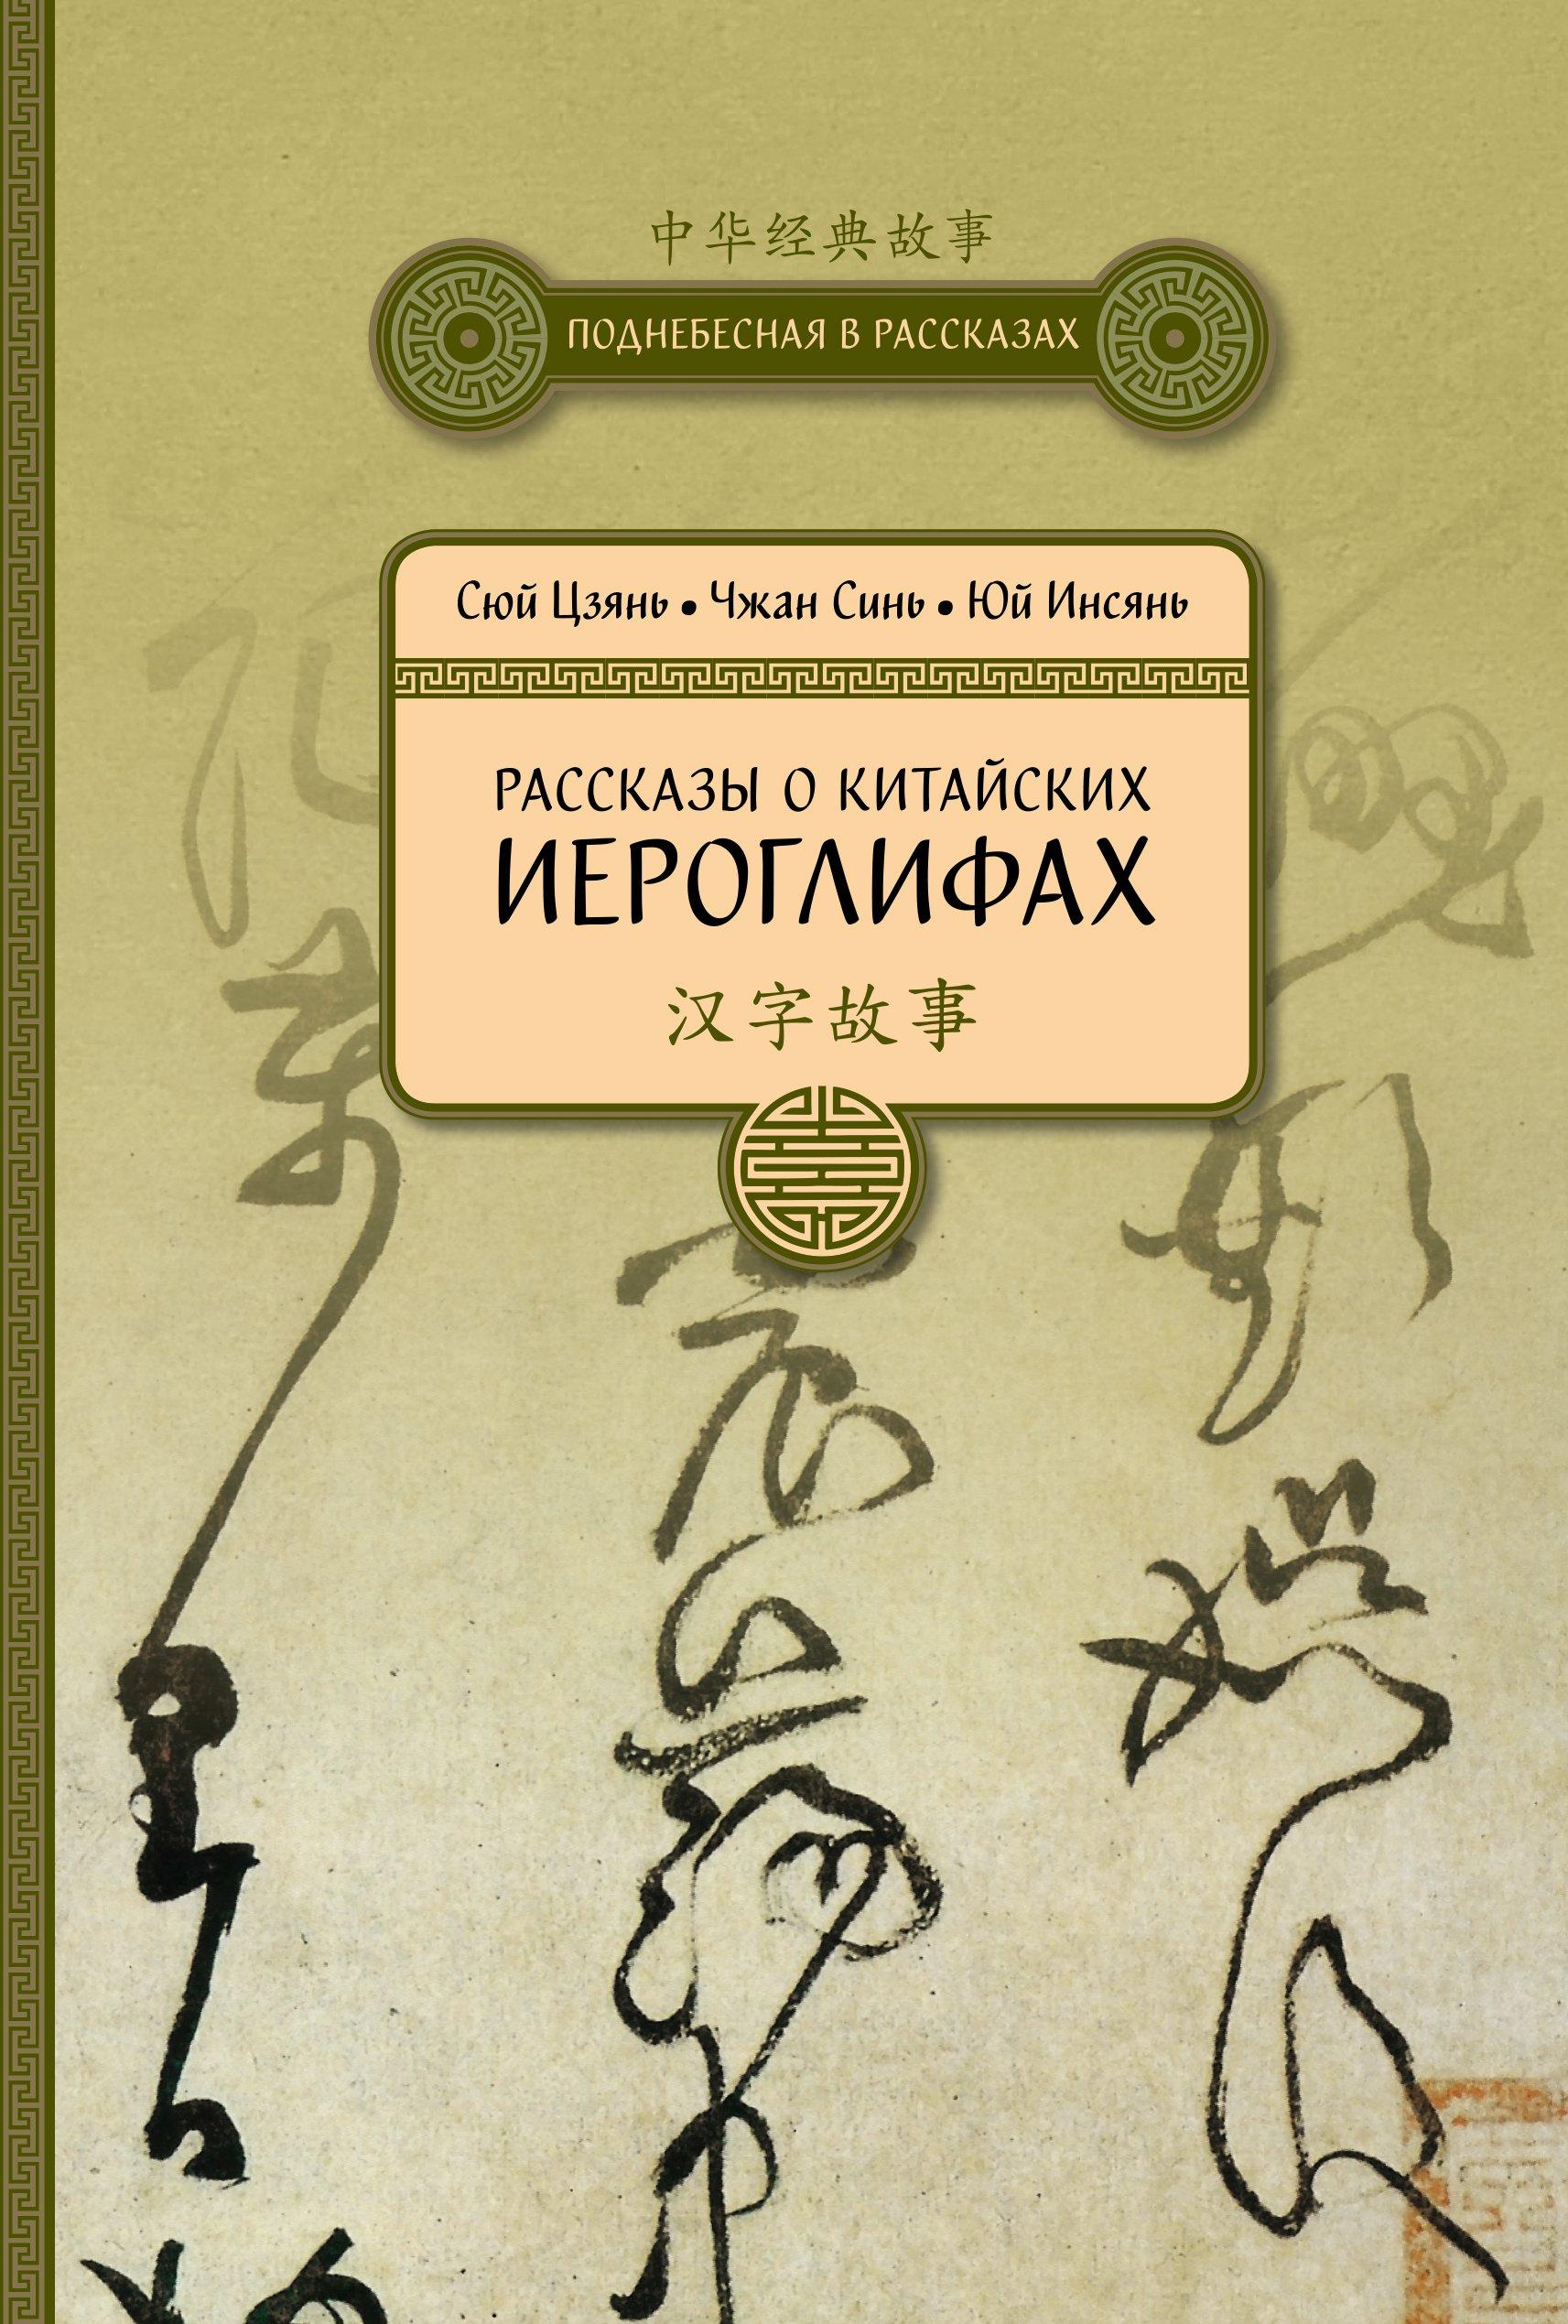 Купить книгу Рассказы о китайских иероглифах, автора